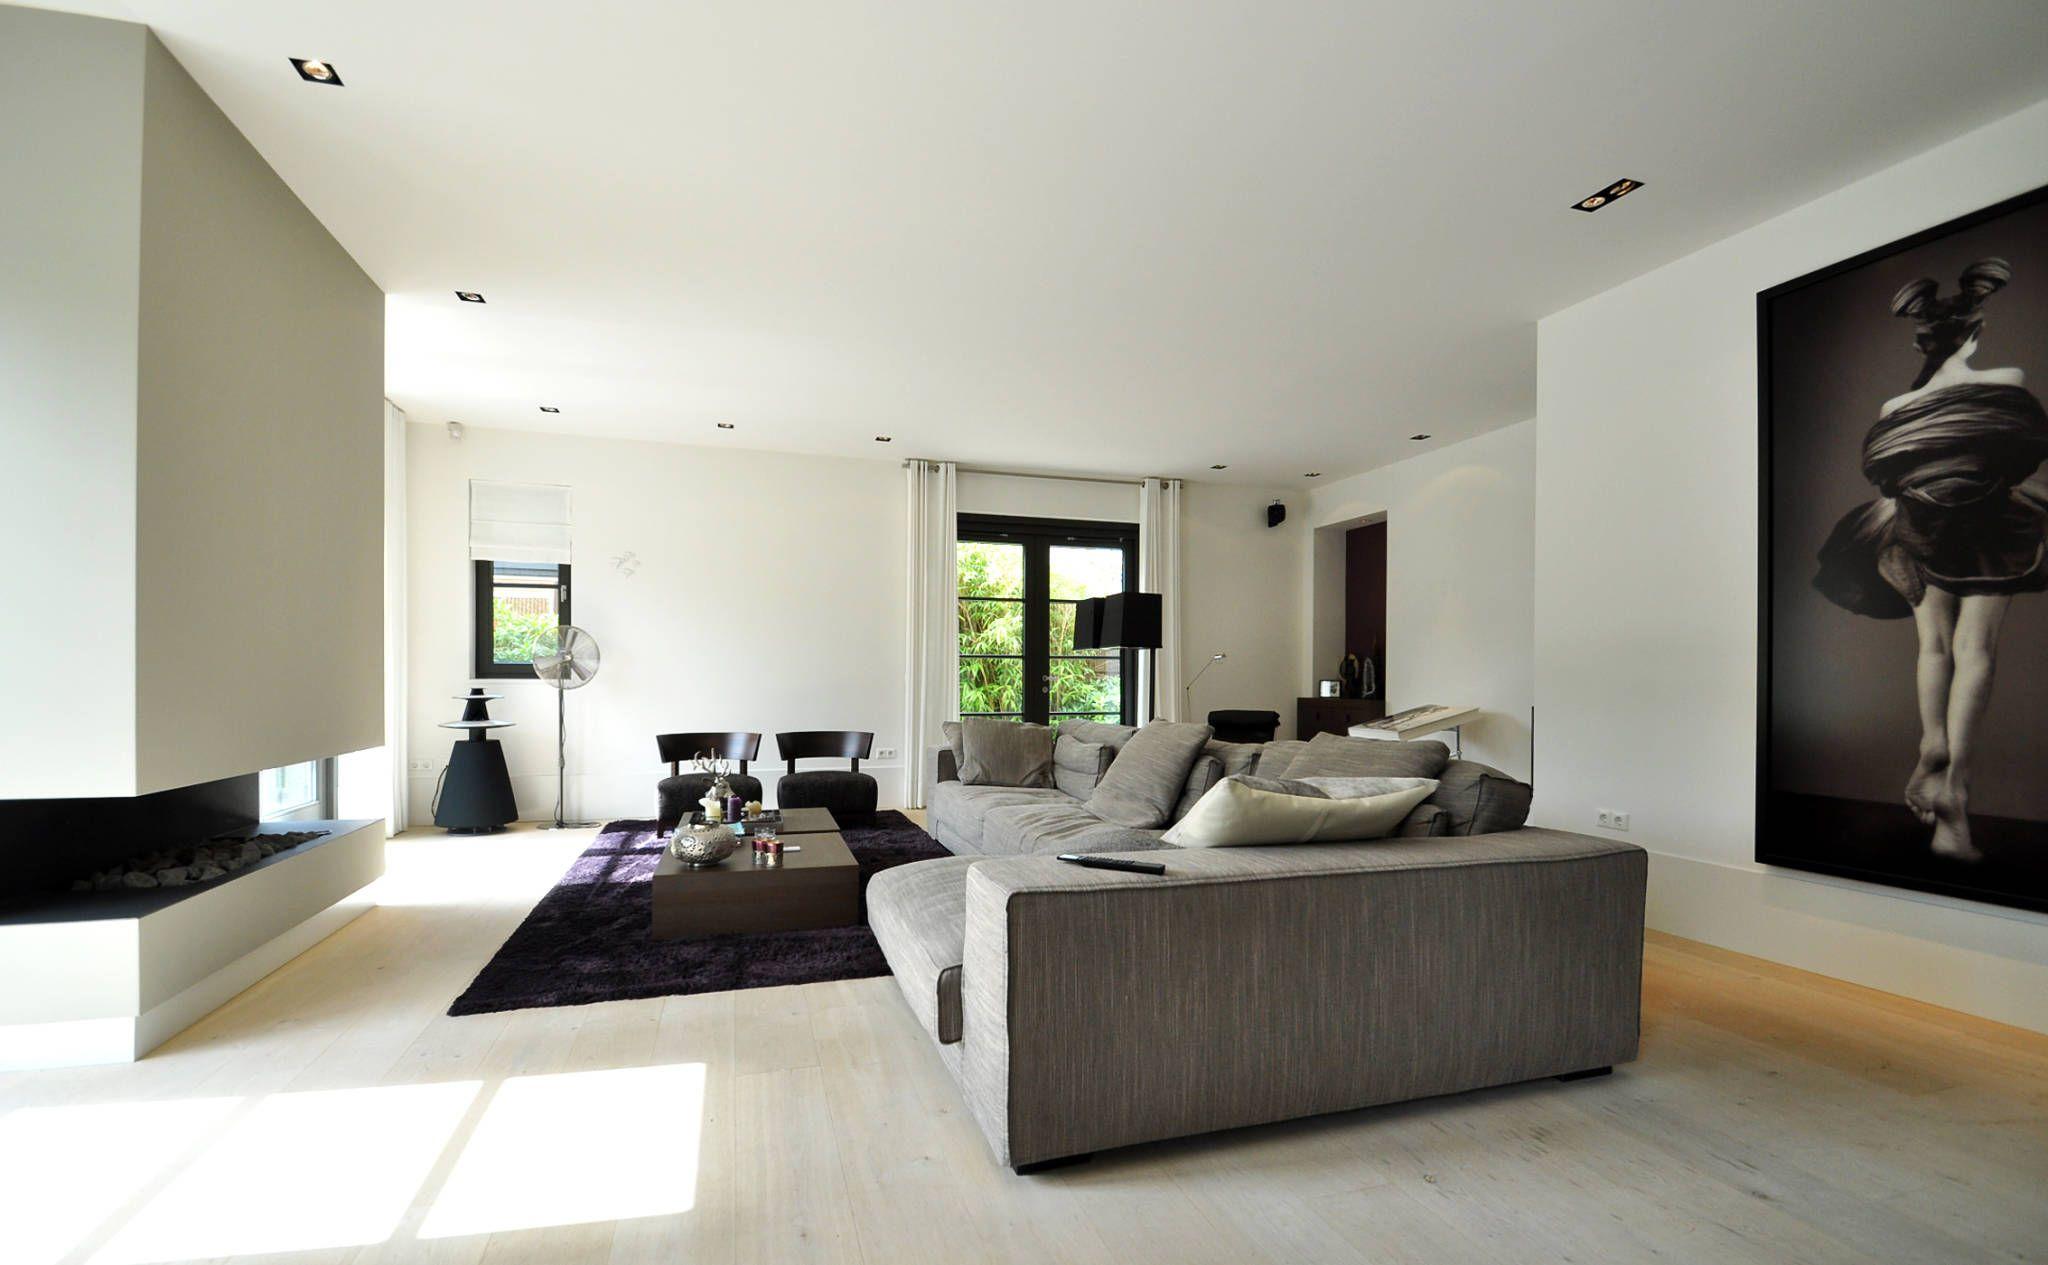 Idee n inspiratie foto 39 s van verbouwingen woonkamer modern moderne woonkamers en modern for Schilderen moderne volwassen kamer